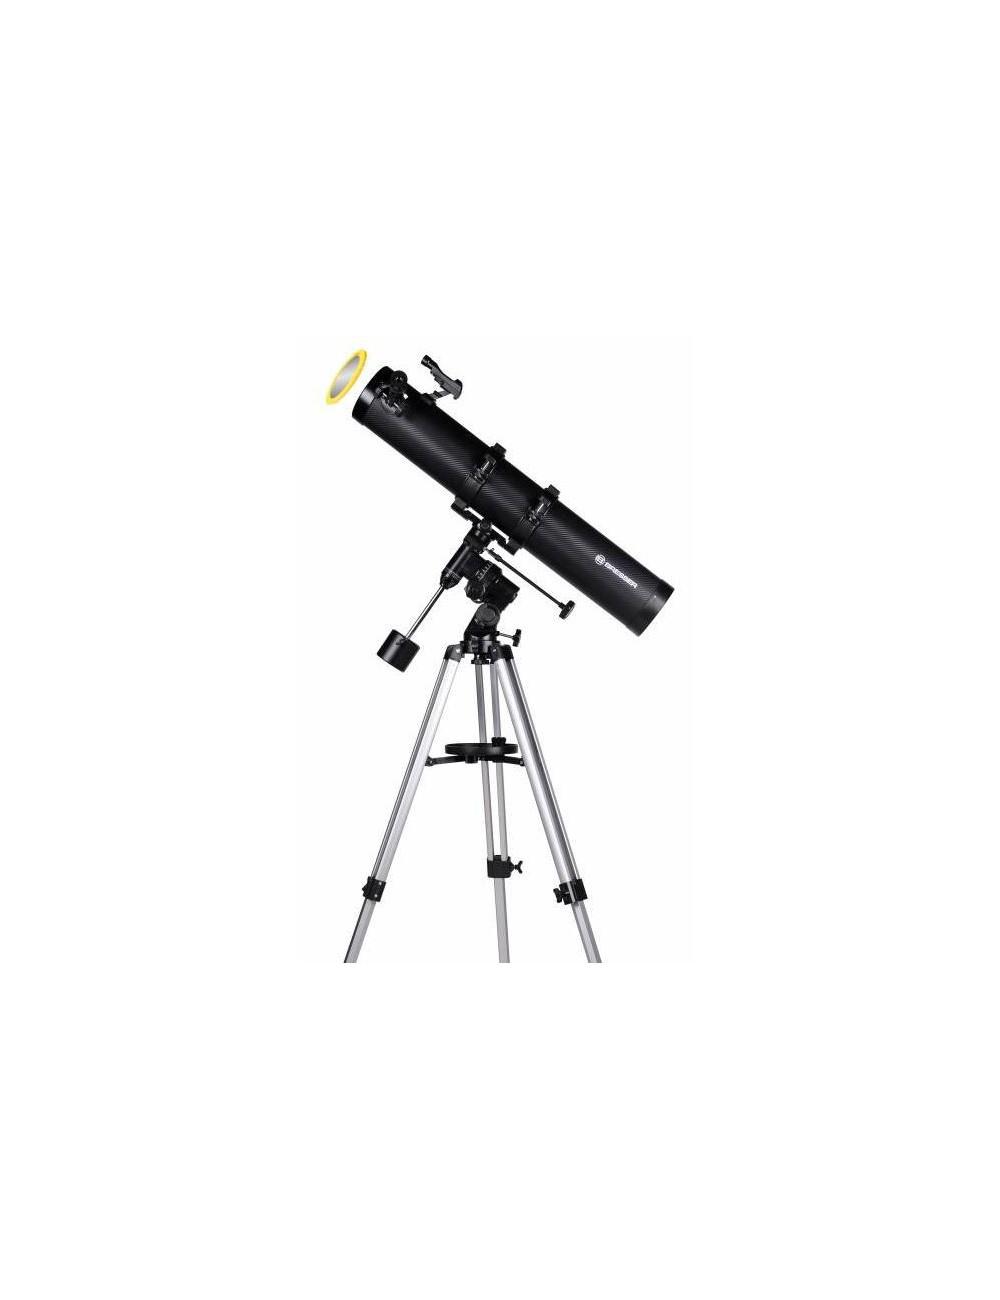 Télescope Newton équatorial Bresser Galaxia 114/900 Carbon Design